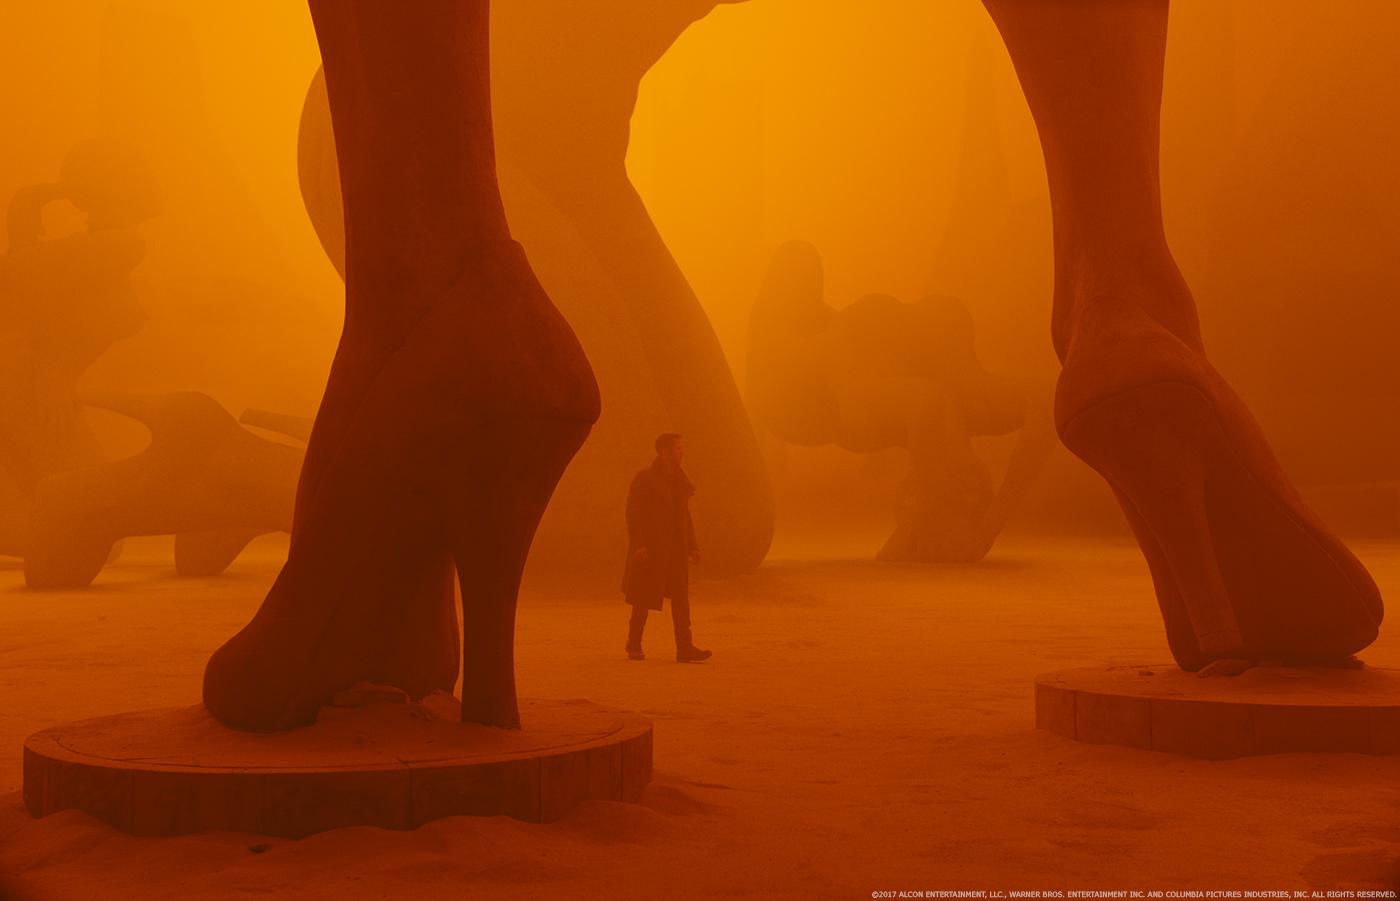 Blade Runner 2049 ft on 7deadlythings